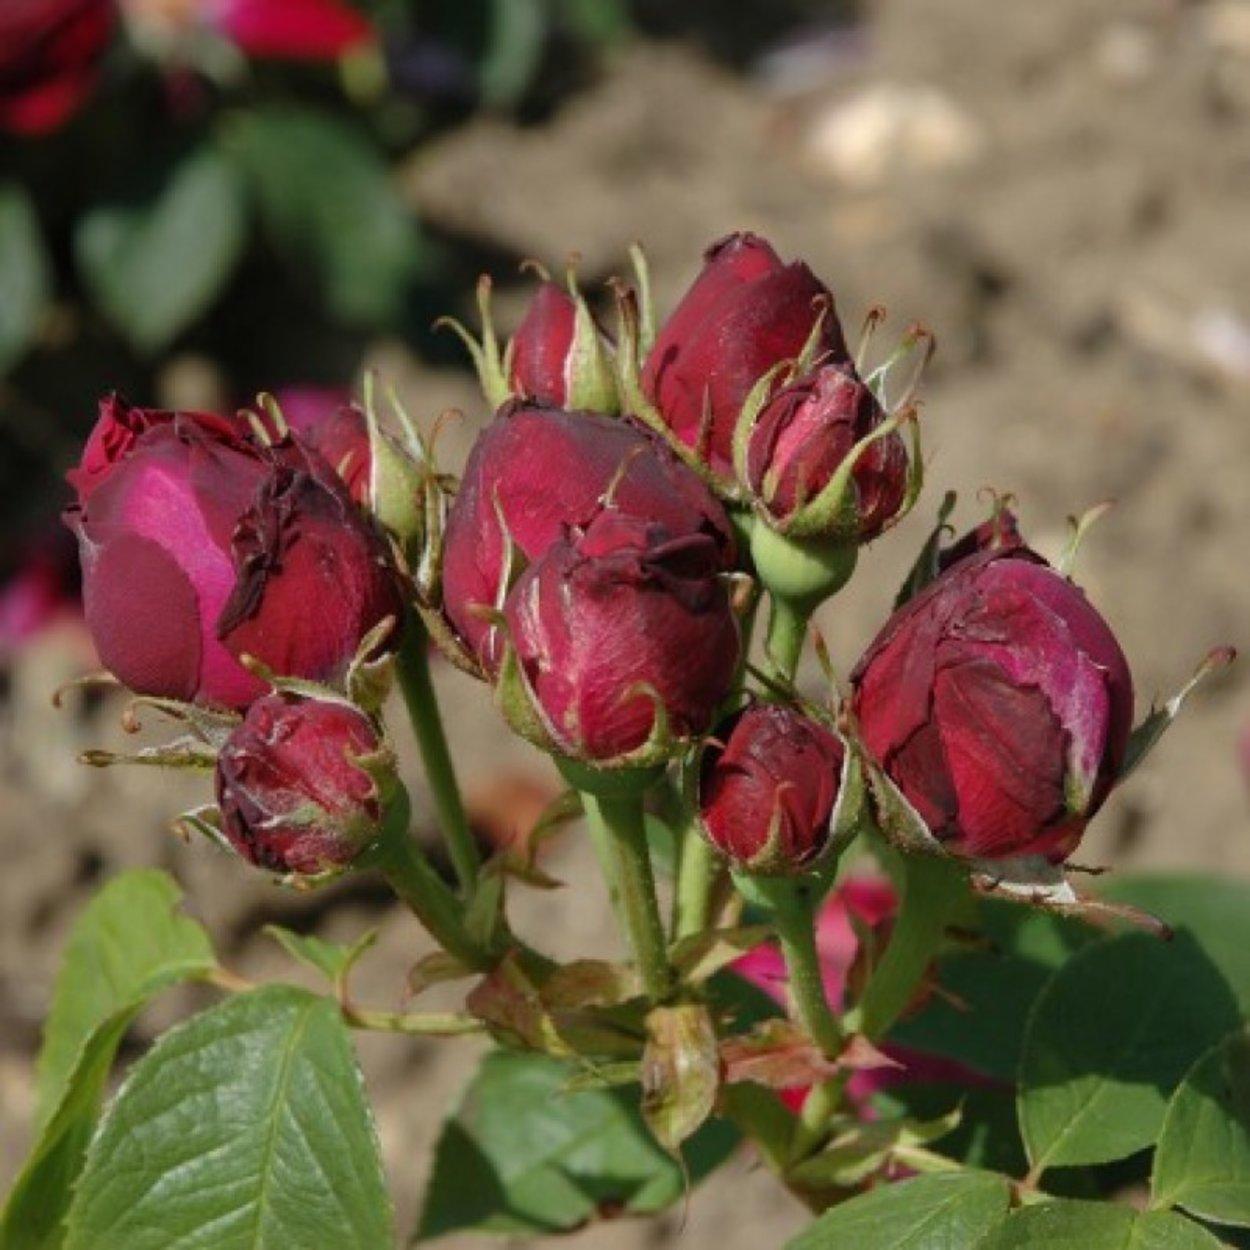 роза черный принц фото описание протарас как курорт